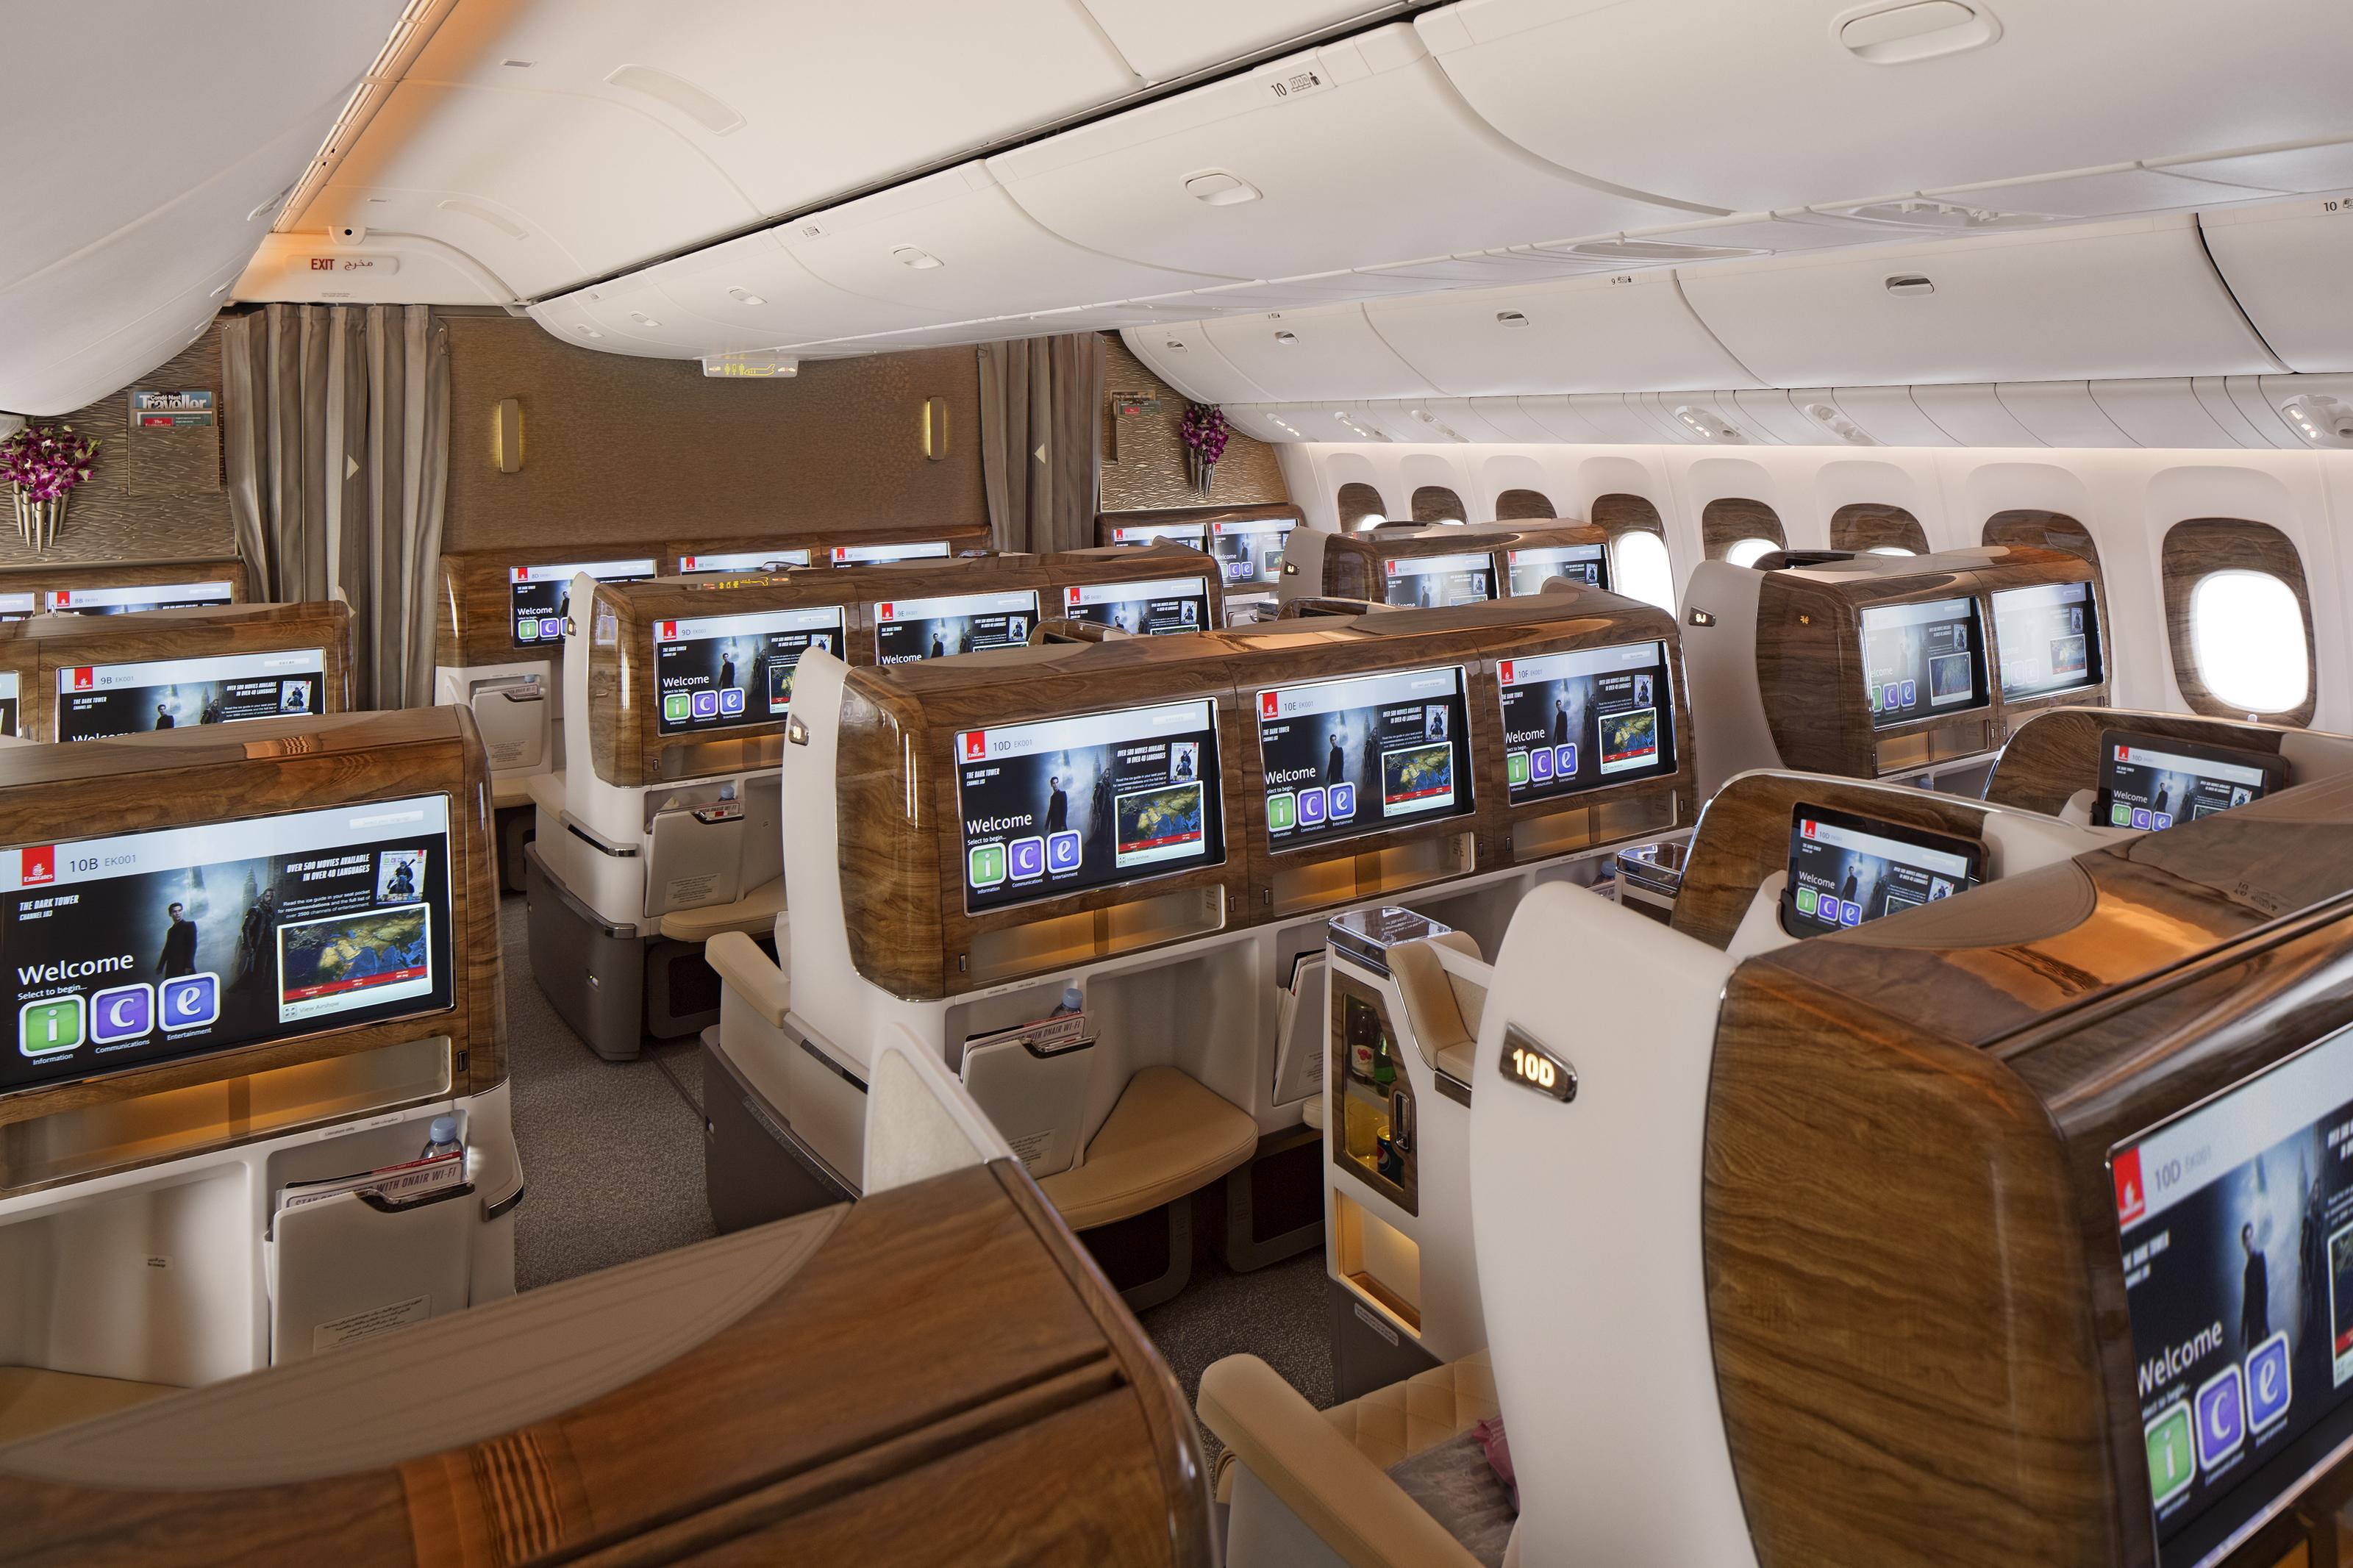 Flugnummer Ek 059